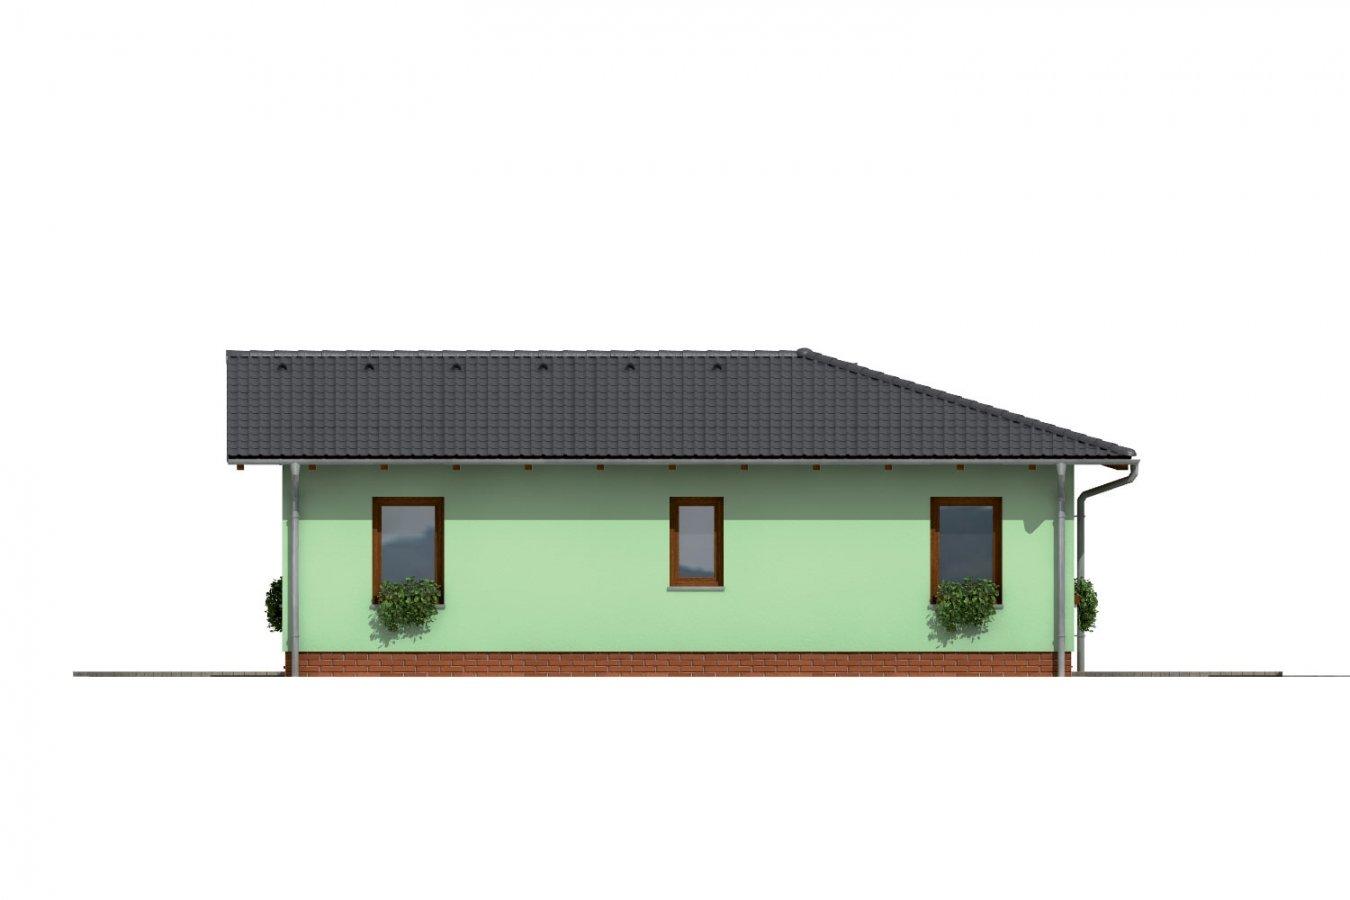 Pohľad 2. - Dom do L so sedlovou strechou